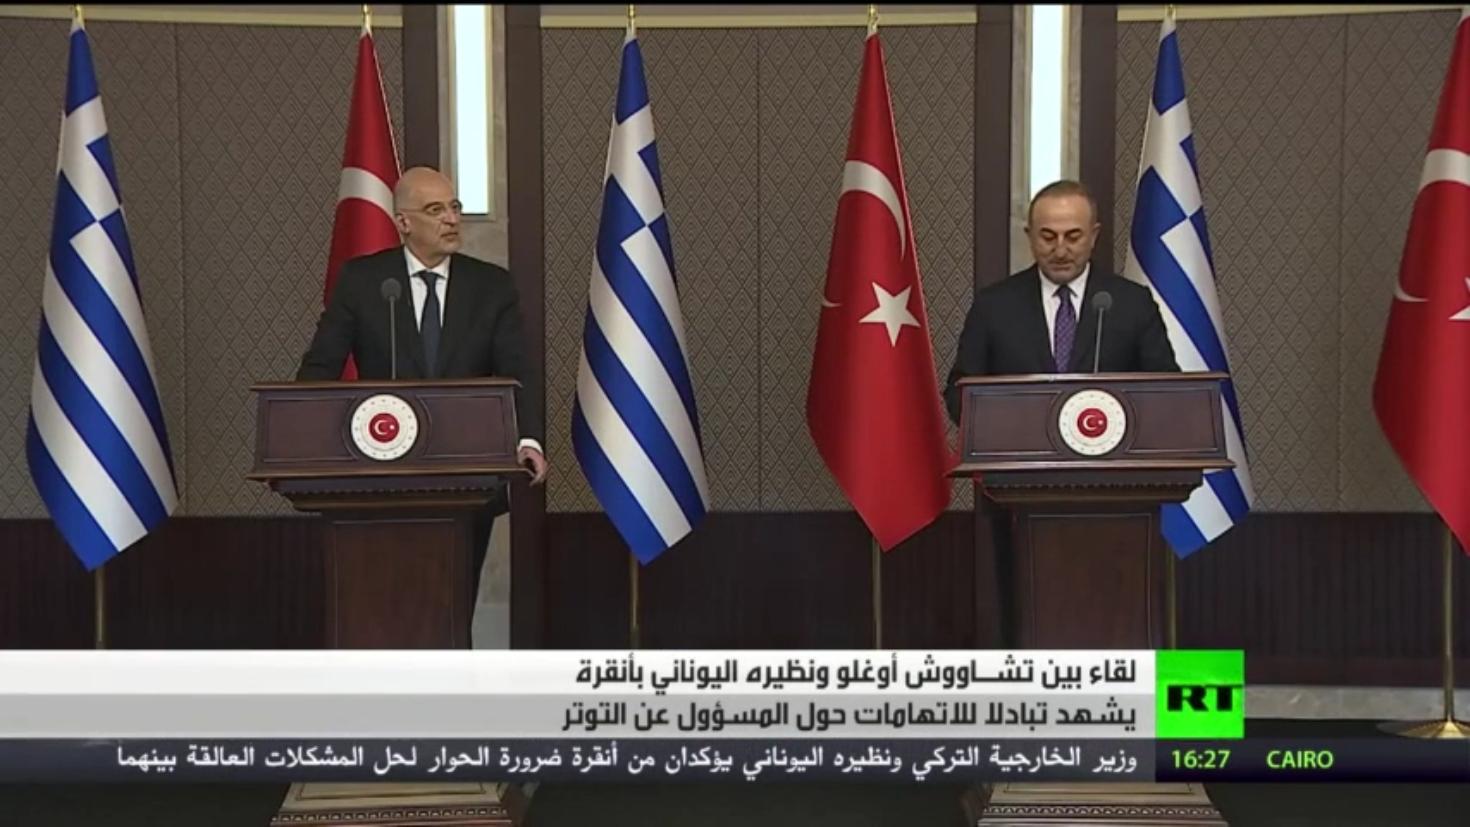 أنقرة وأثينا.. حل الخلافات وتبادل الاتهامات